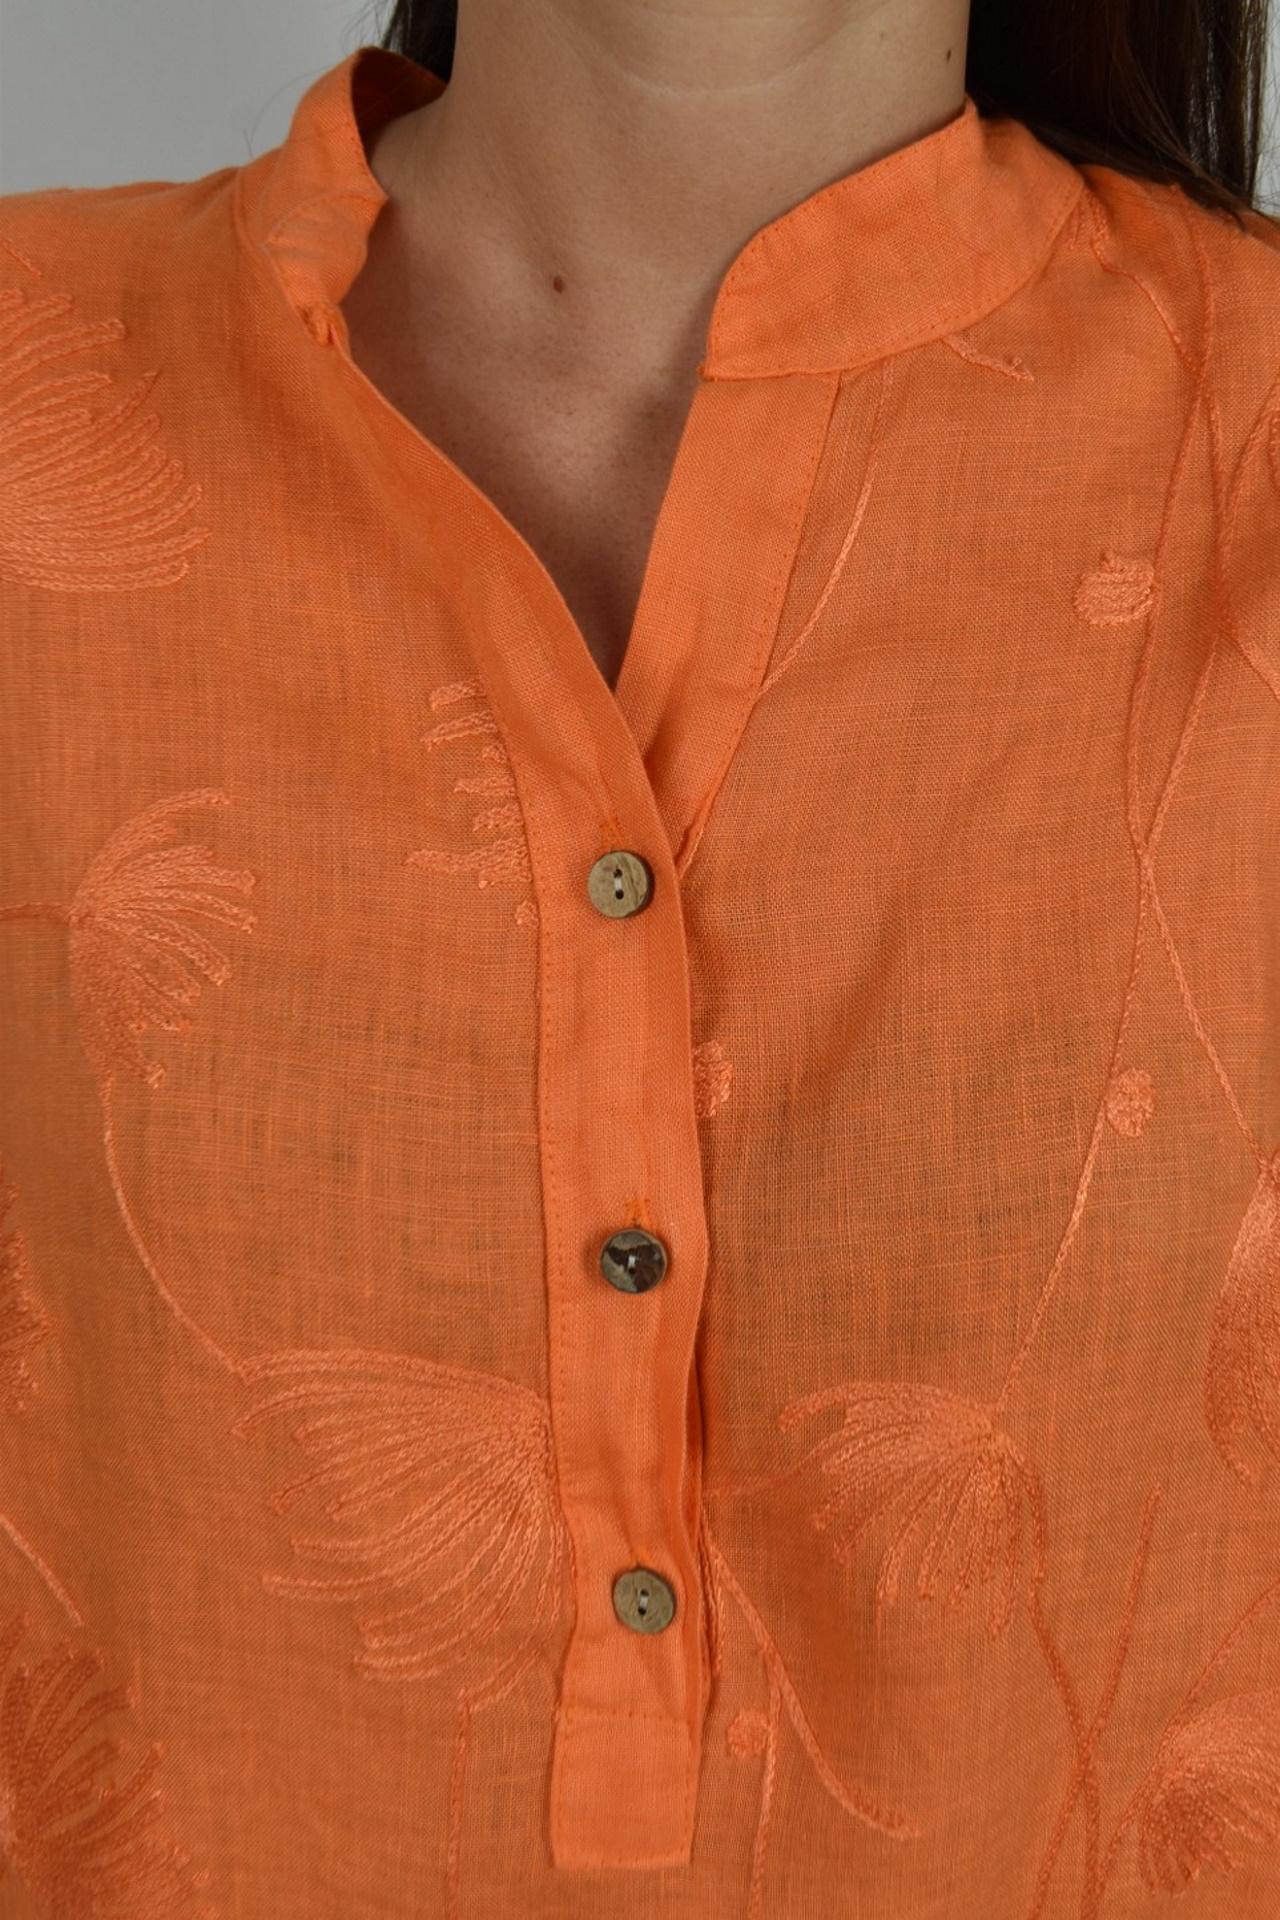 CAMMAXPE2101 ARANCIO CAMICIA DA DONNA MANICA 34 100 LINO 2 1stAmerican camicia manica 3/4 da donna 100% lino Made in Italy - vestito collo a y da spiaggia donna